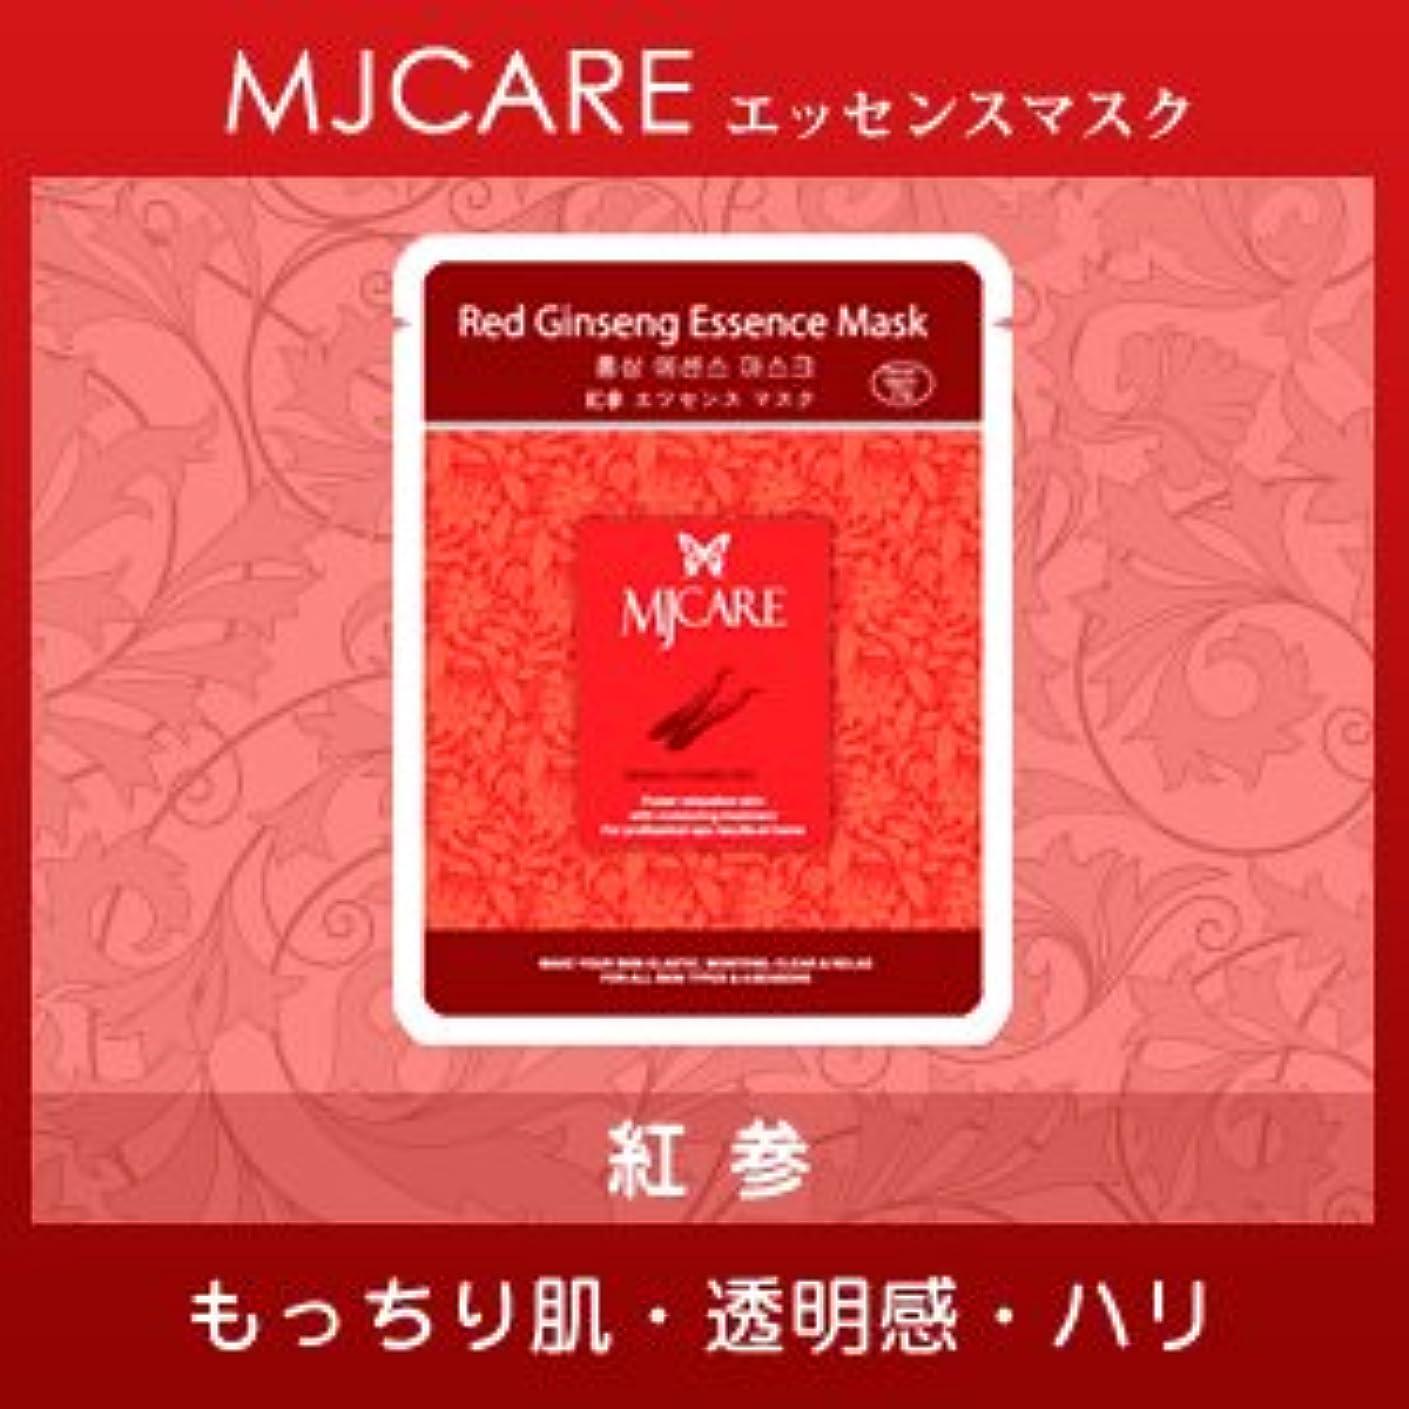 変換する枕アウターMJ-CAREエッセンスマスク 紅参10枚セット